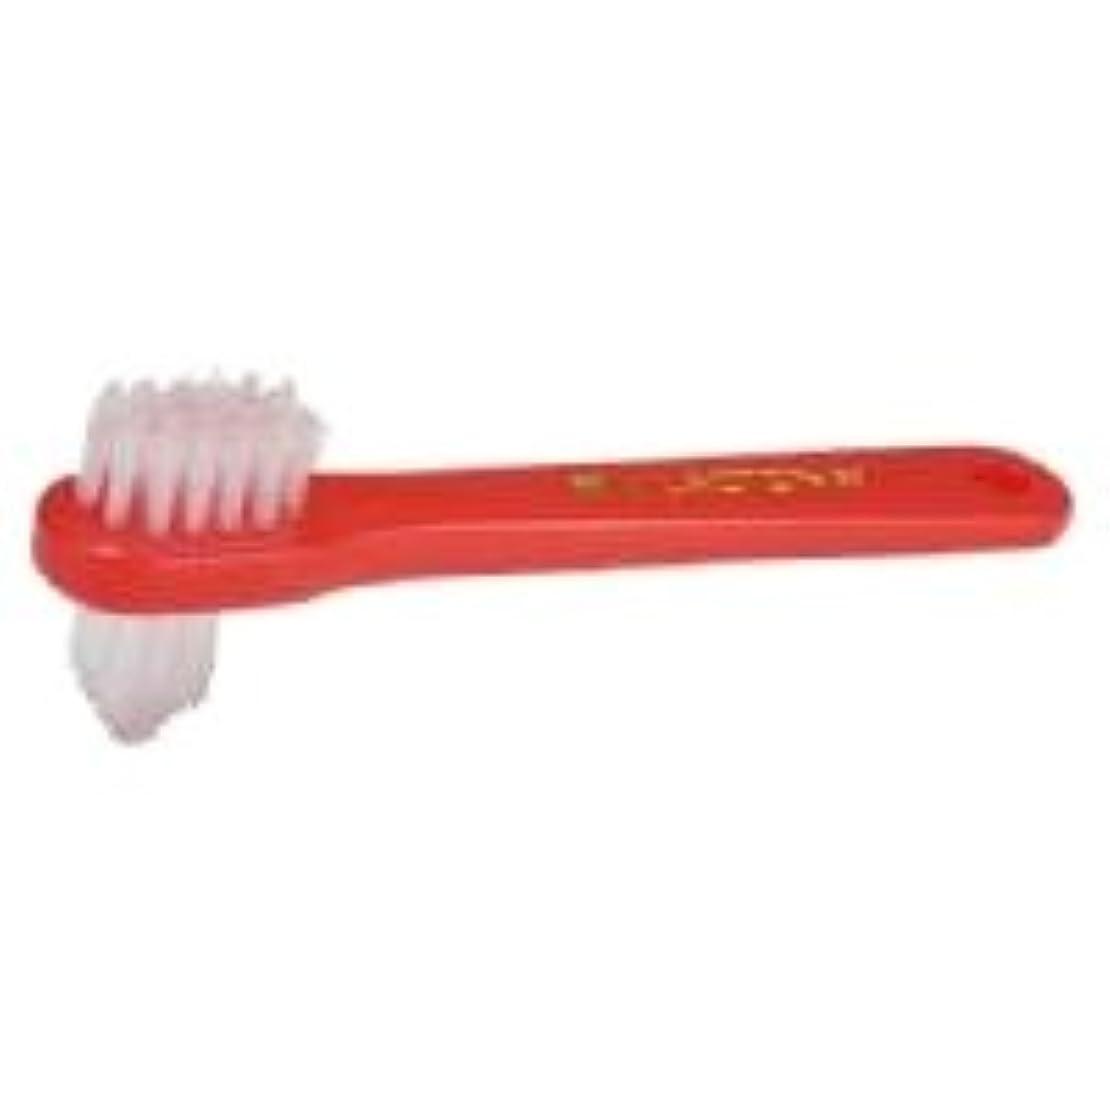 それから回転する怠な【ラクトナ】【歯科用】ラクトナ歯ブラシ #500 M 1本【義歯用ブラシ】